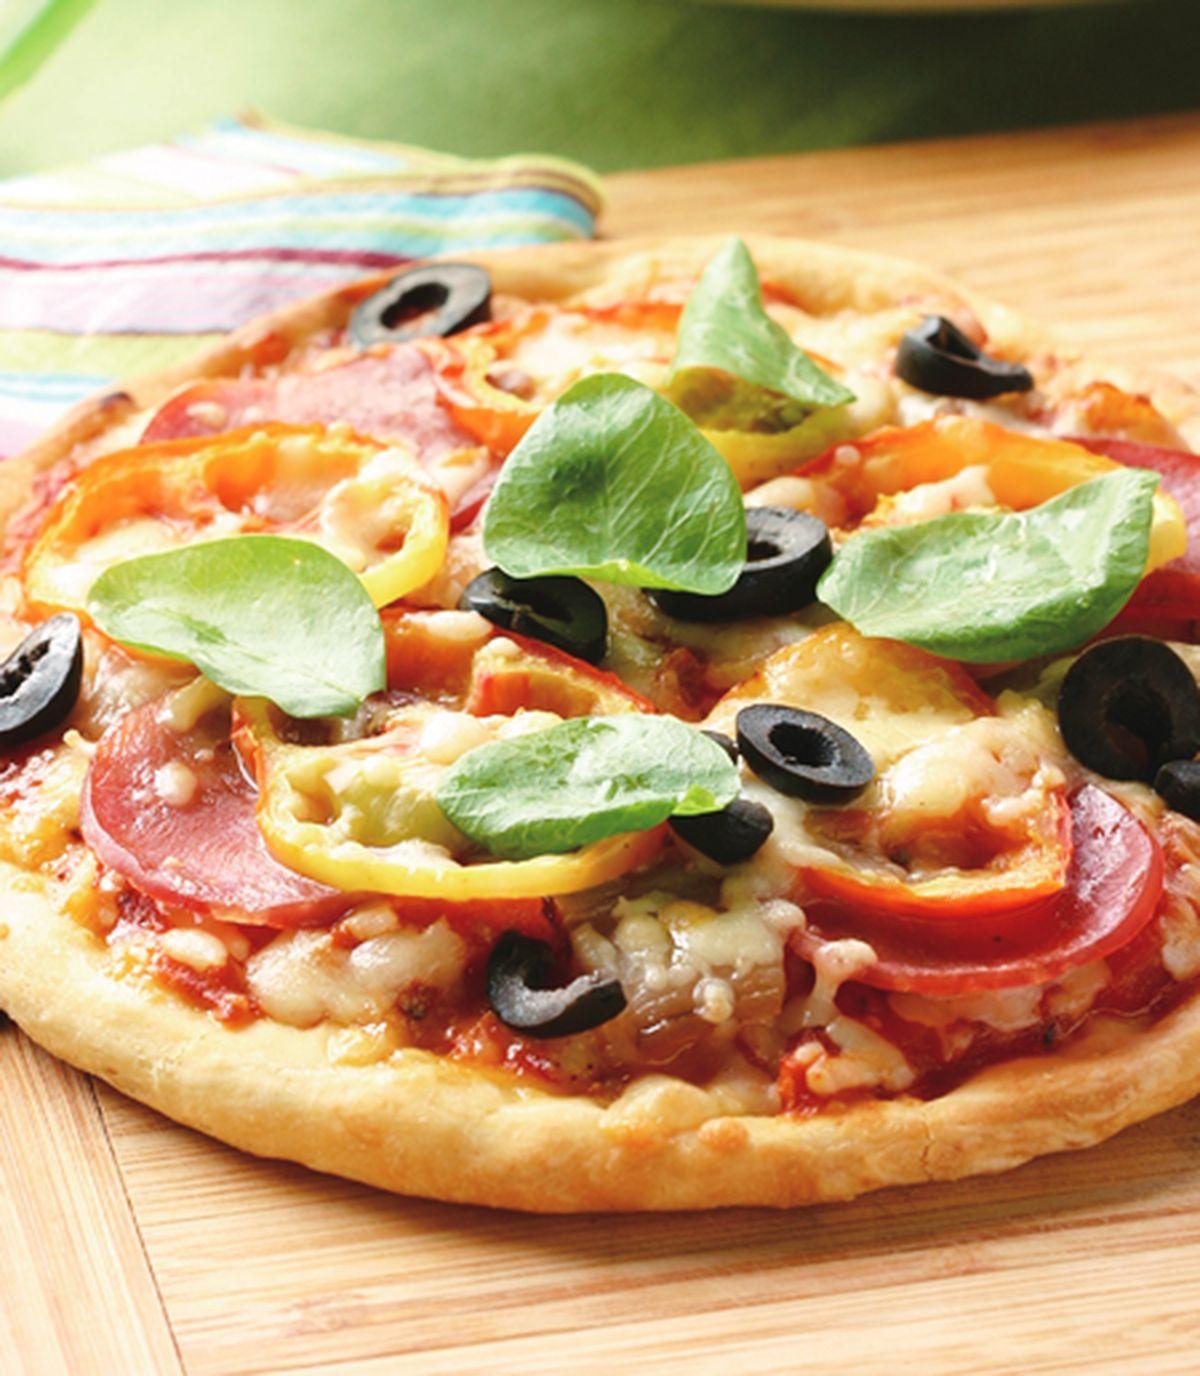 食譜:拿波里臘腸薄片披薩